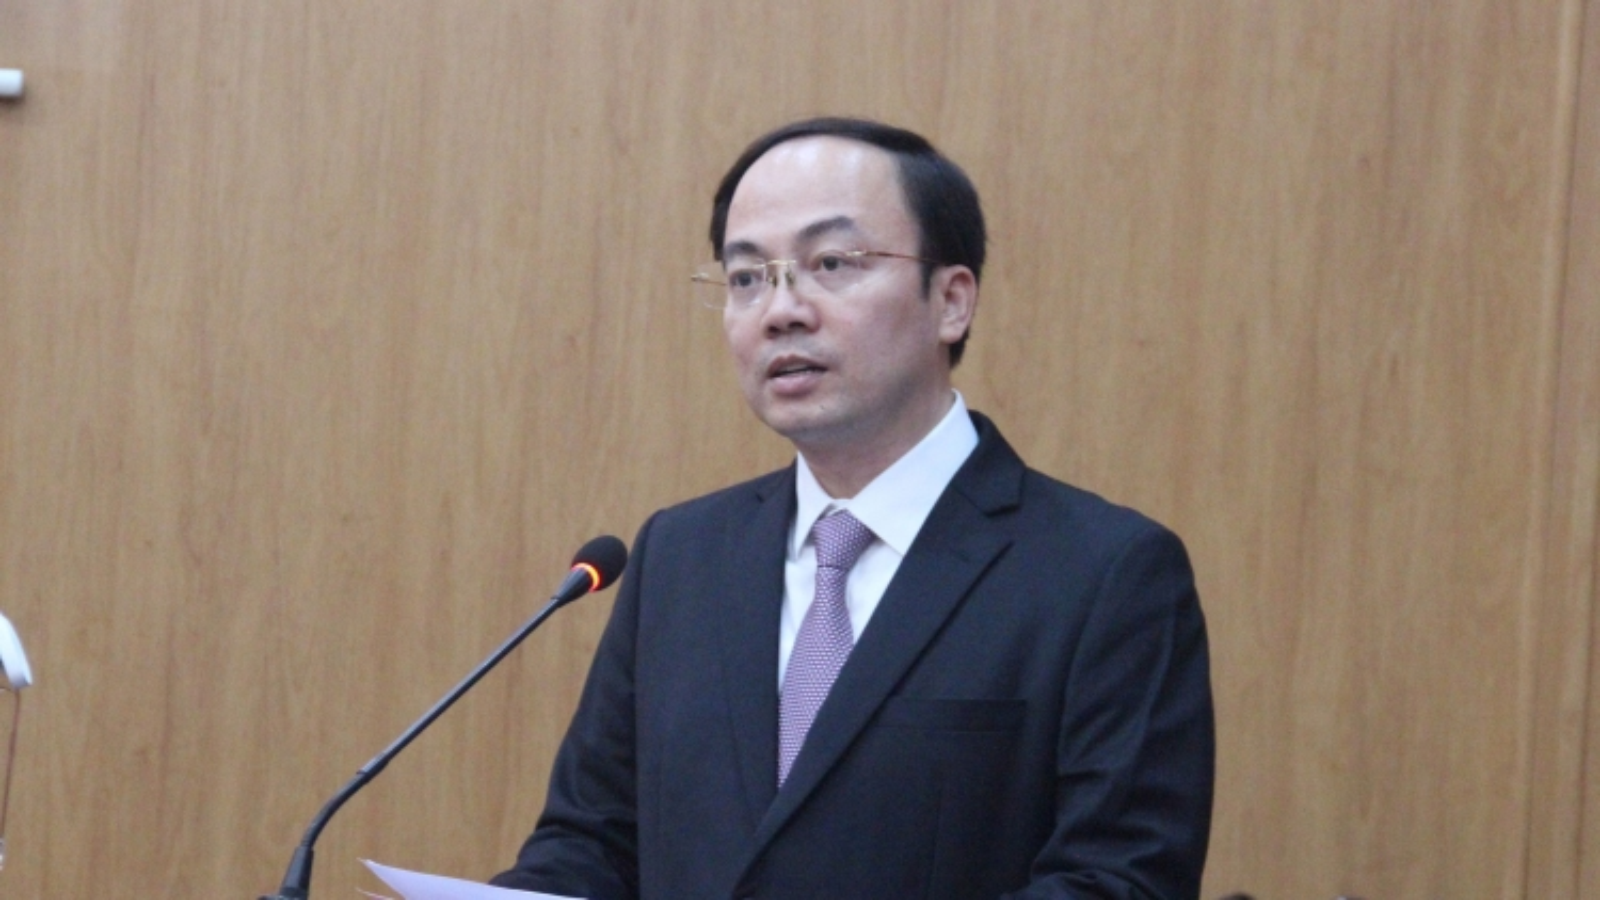 Ông Nguyễn Đăng Bình giữ chức Chủ tịch UBND tỉnh Bắc Kạn